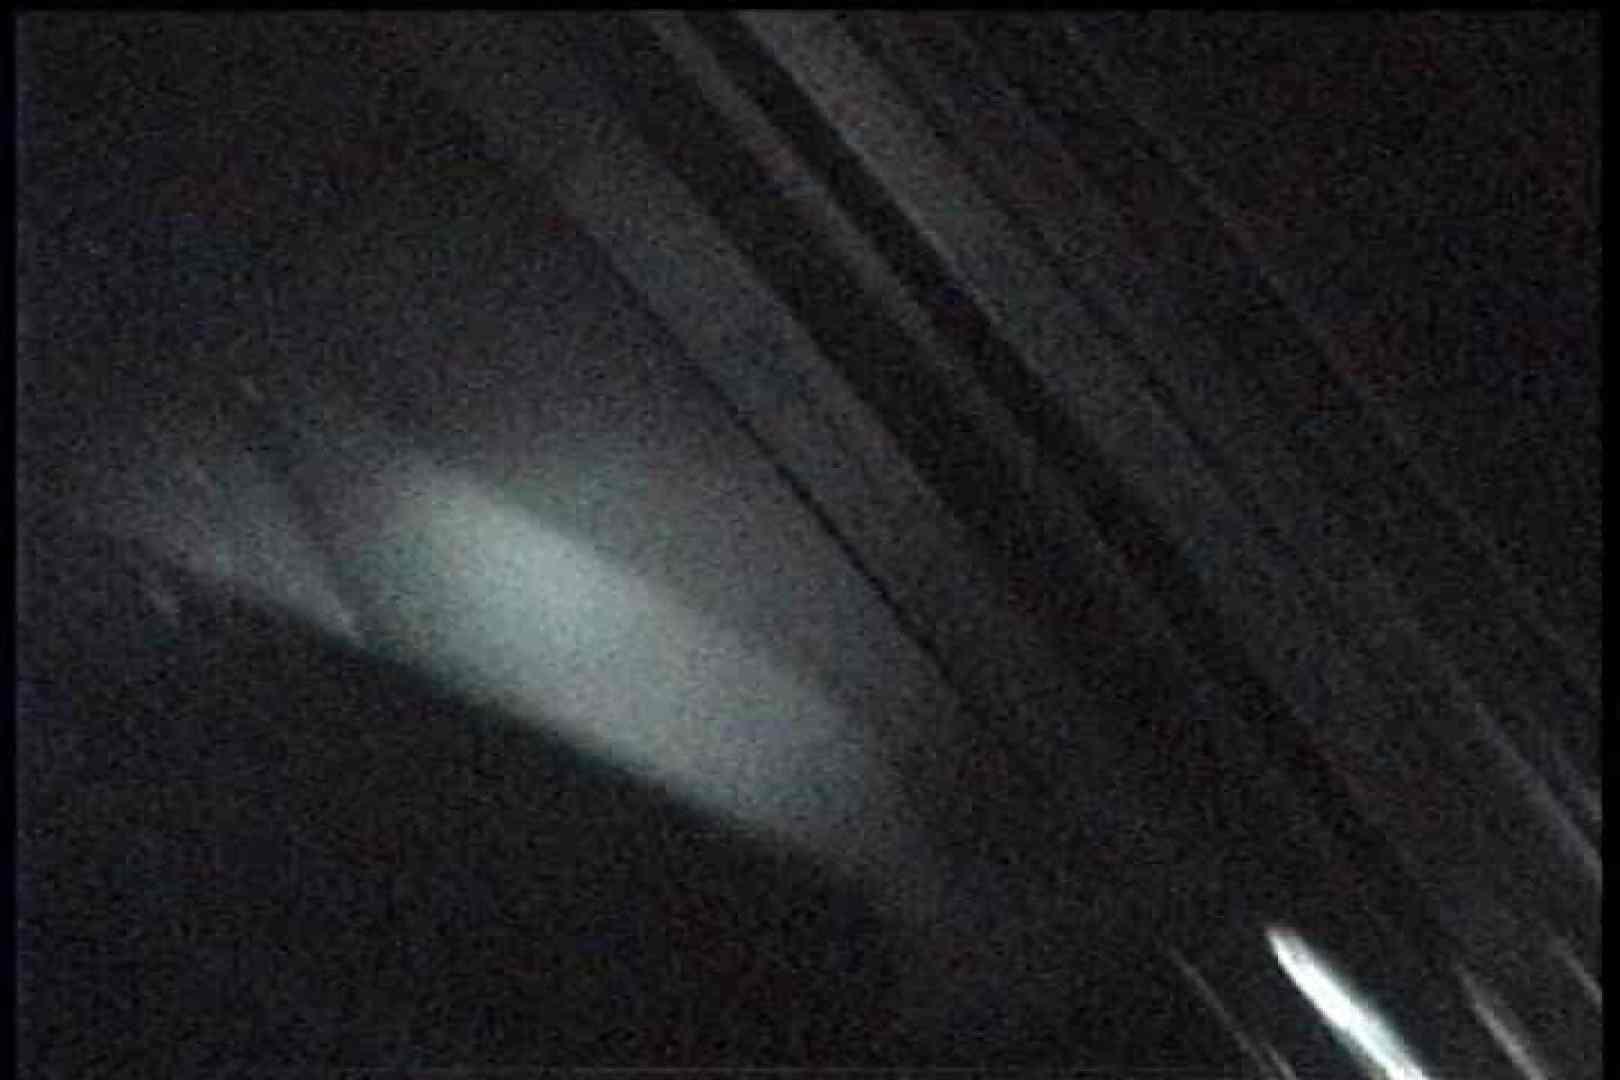 充血監督の深夜の運動会Vol.243 エロティックなOL すけべAV動画紹介 68画像 10